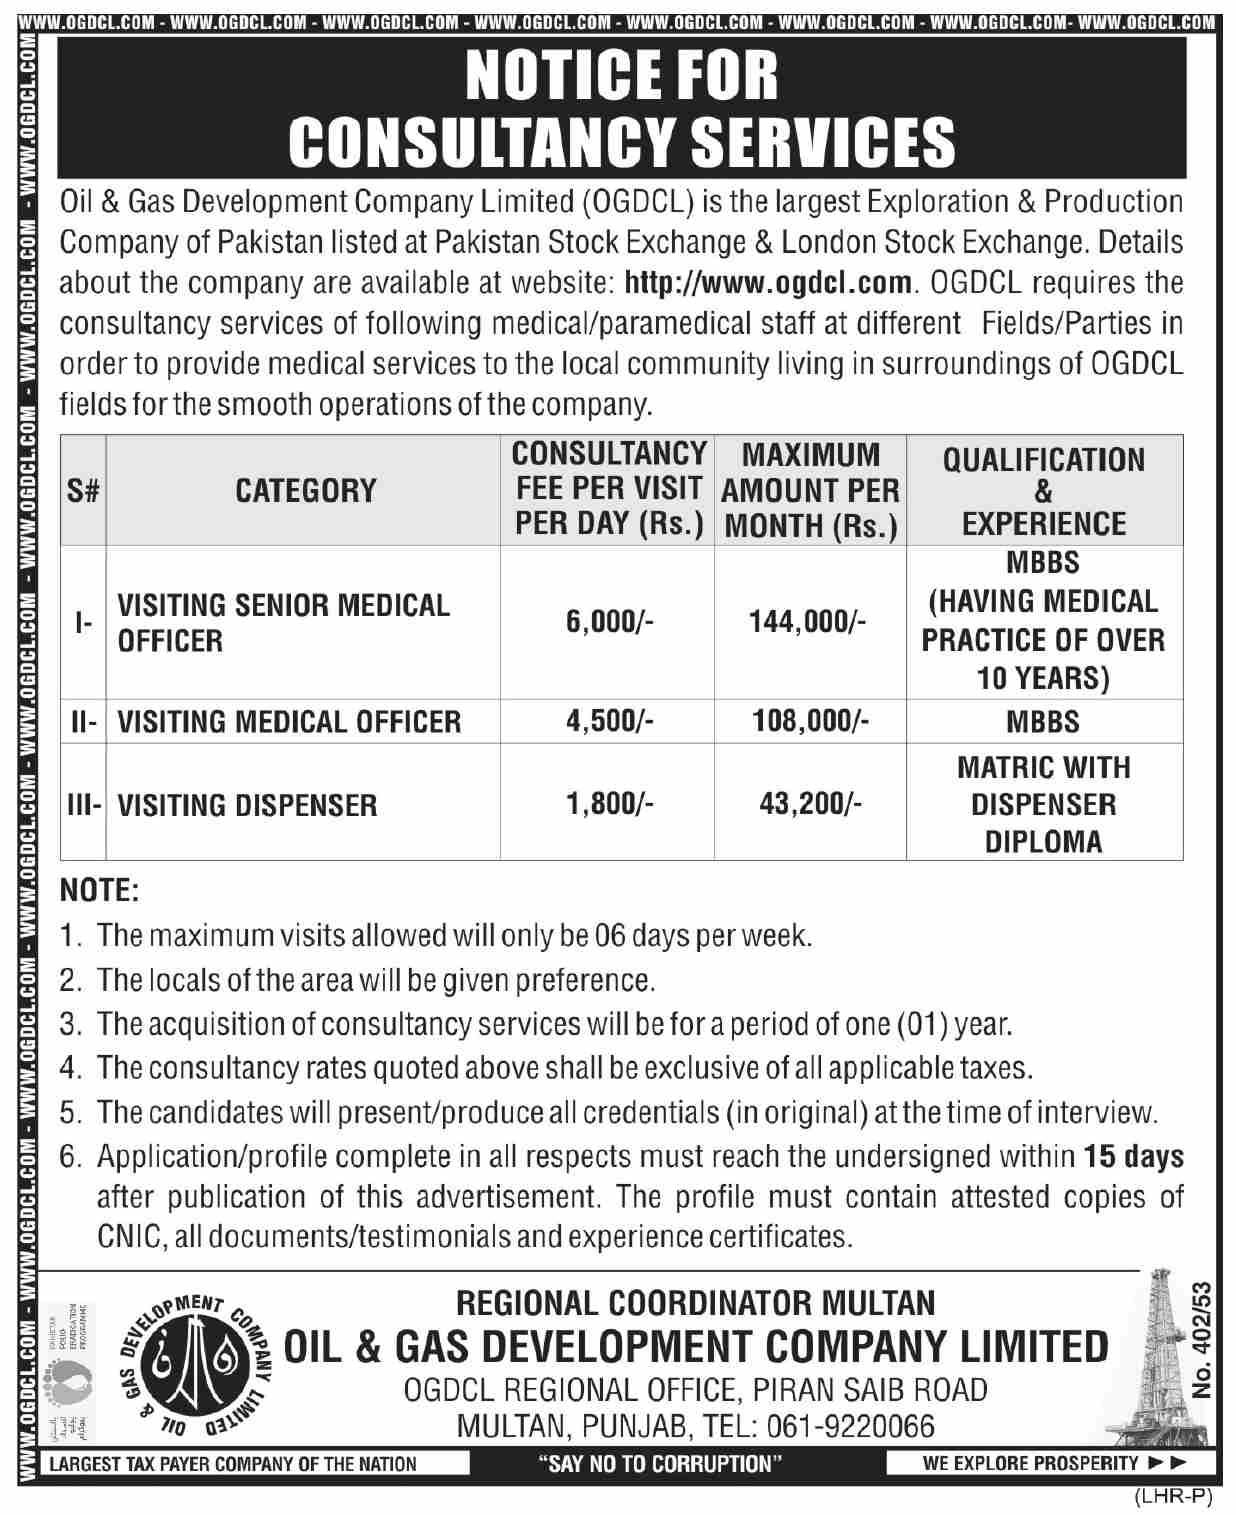 OGDCL Jobs 2021 in Multan, Oil & Gas Development Company